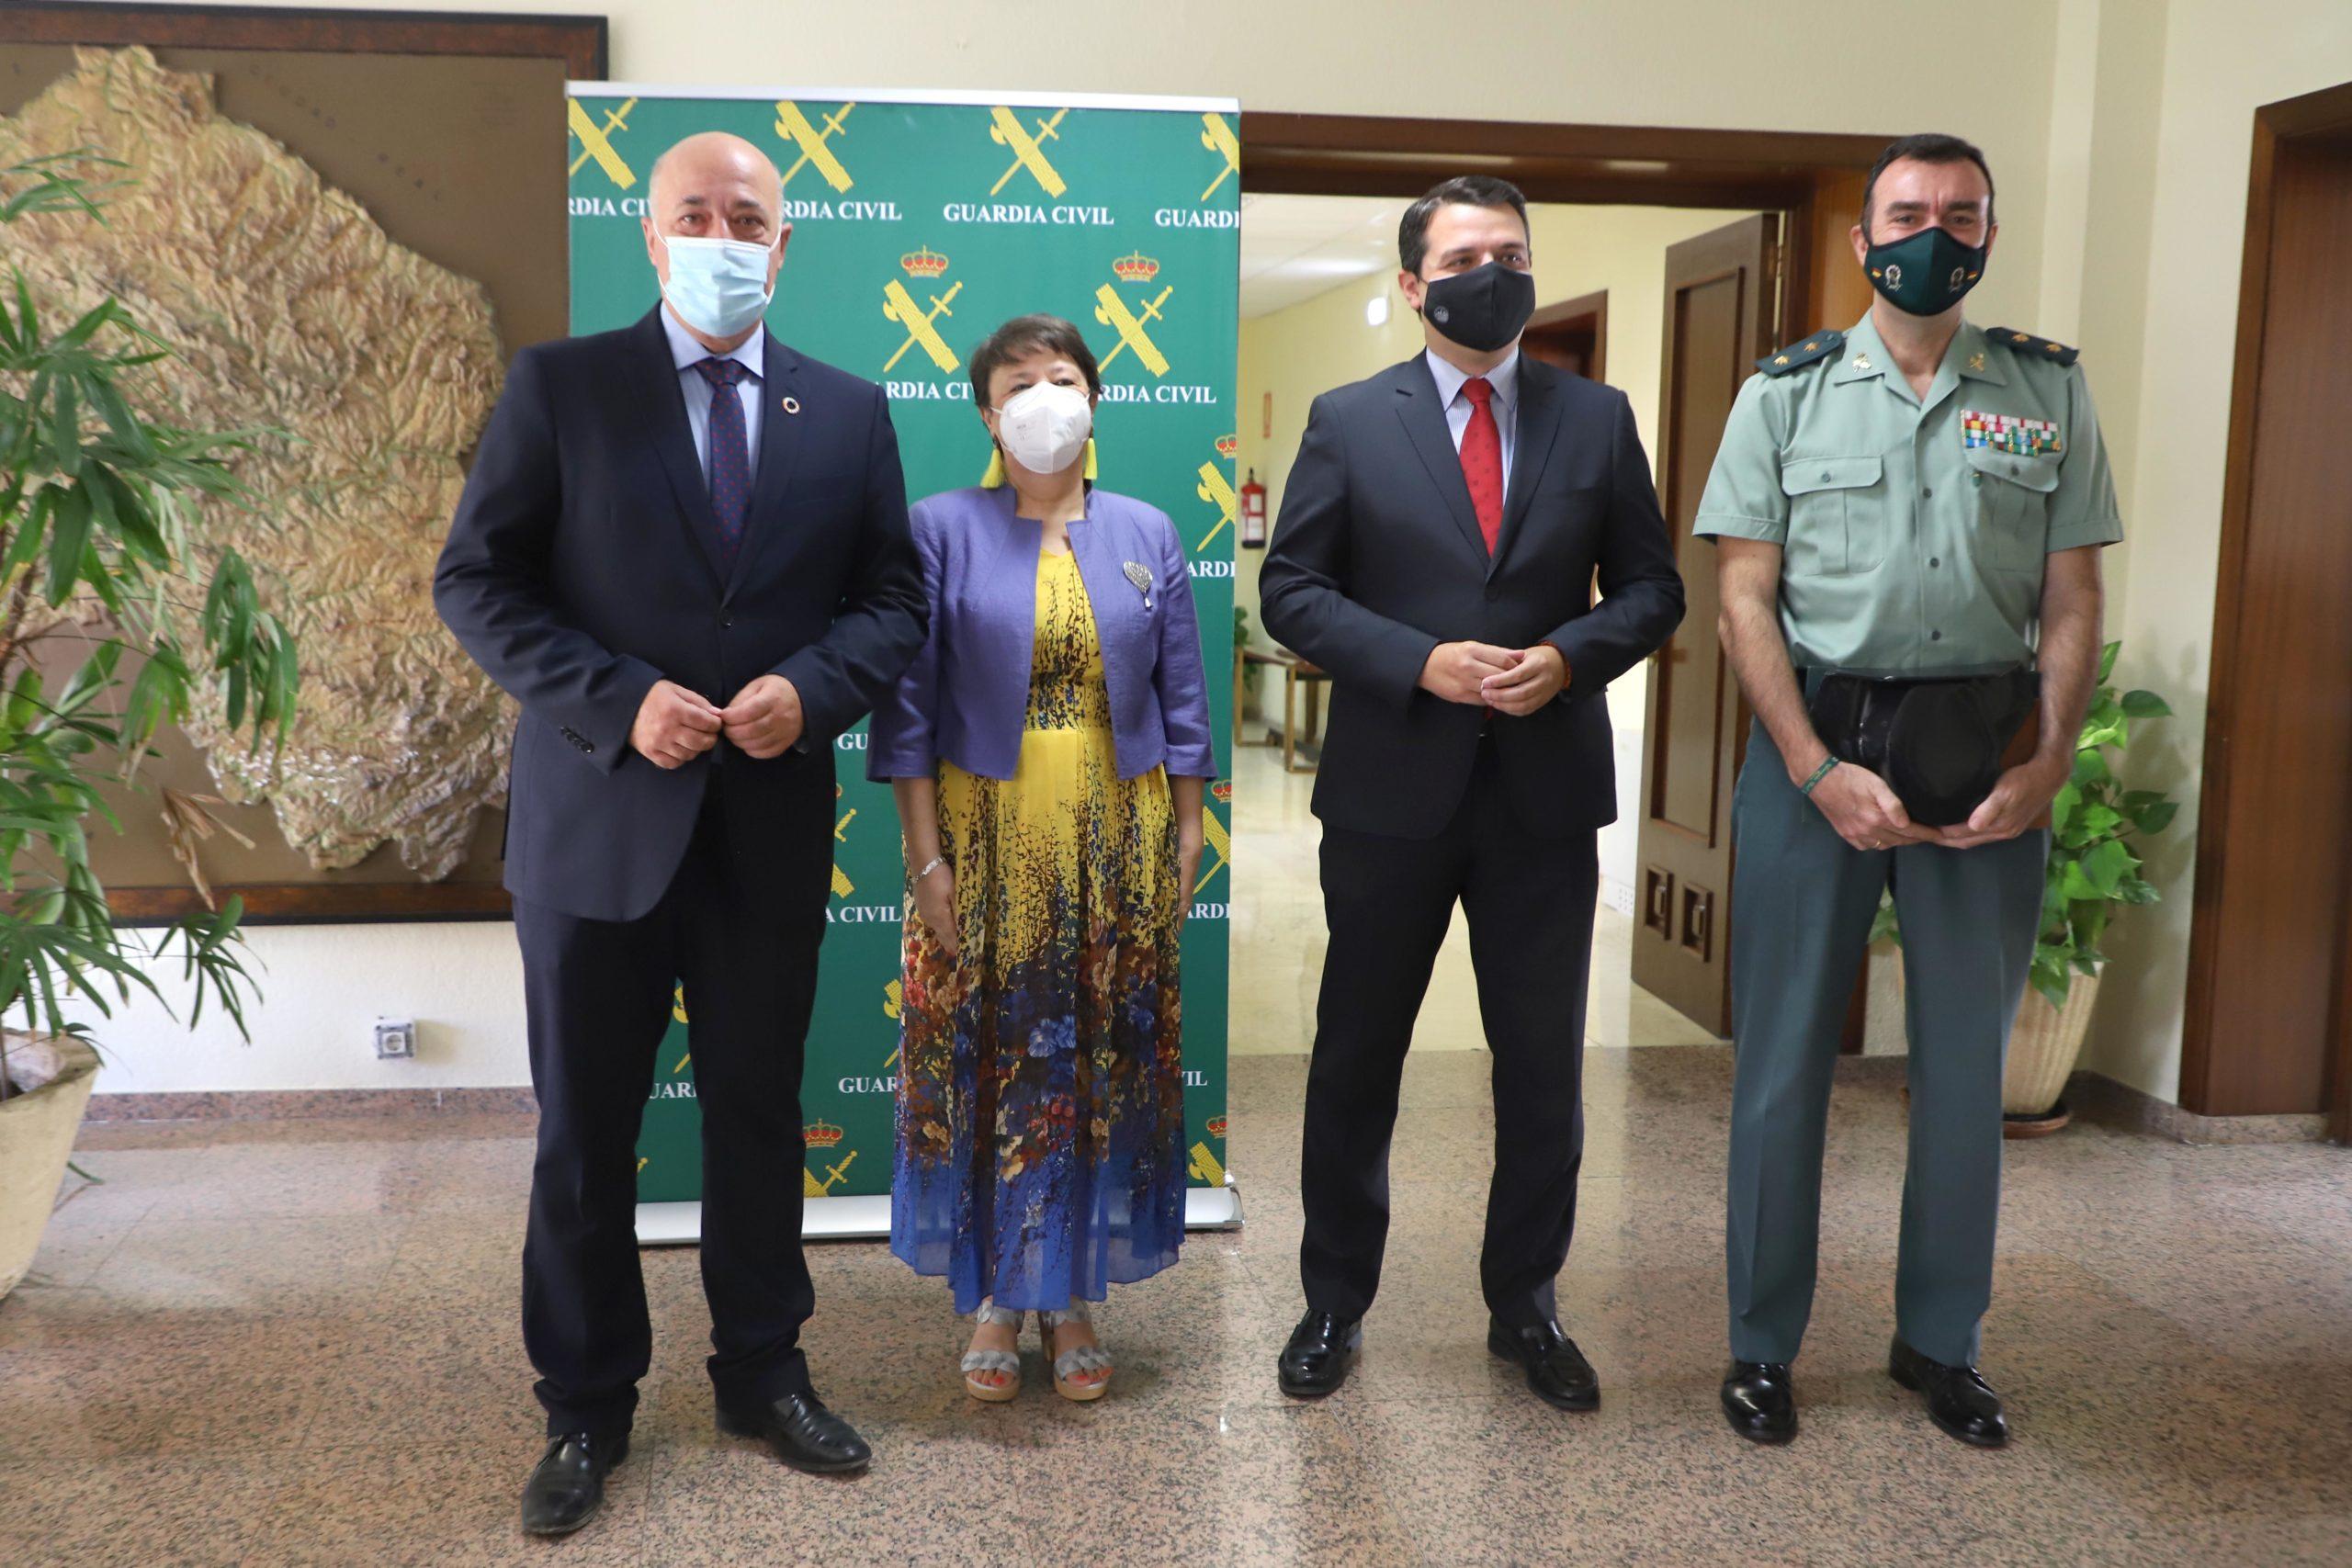 La Diputación de Córdoba se suma a los actos conmemorativos del Día de la Patrona de la Guardia Civil